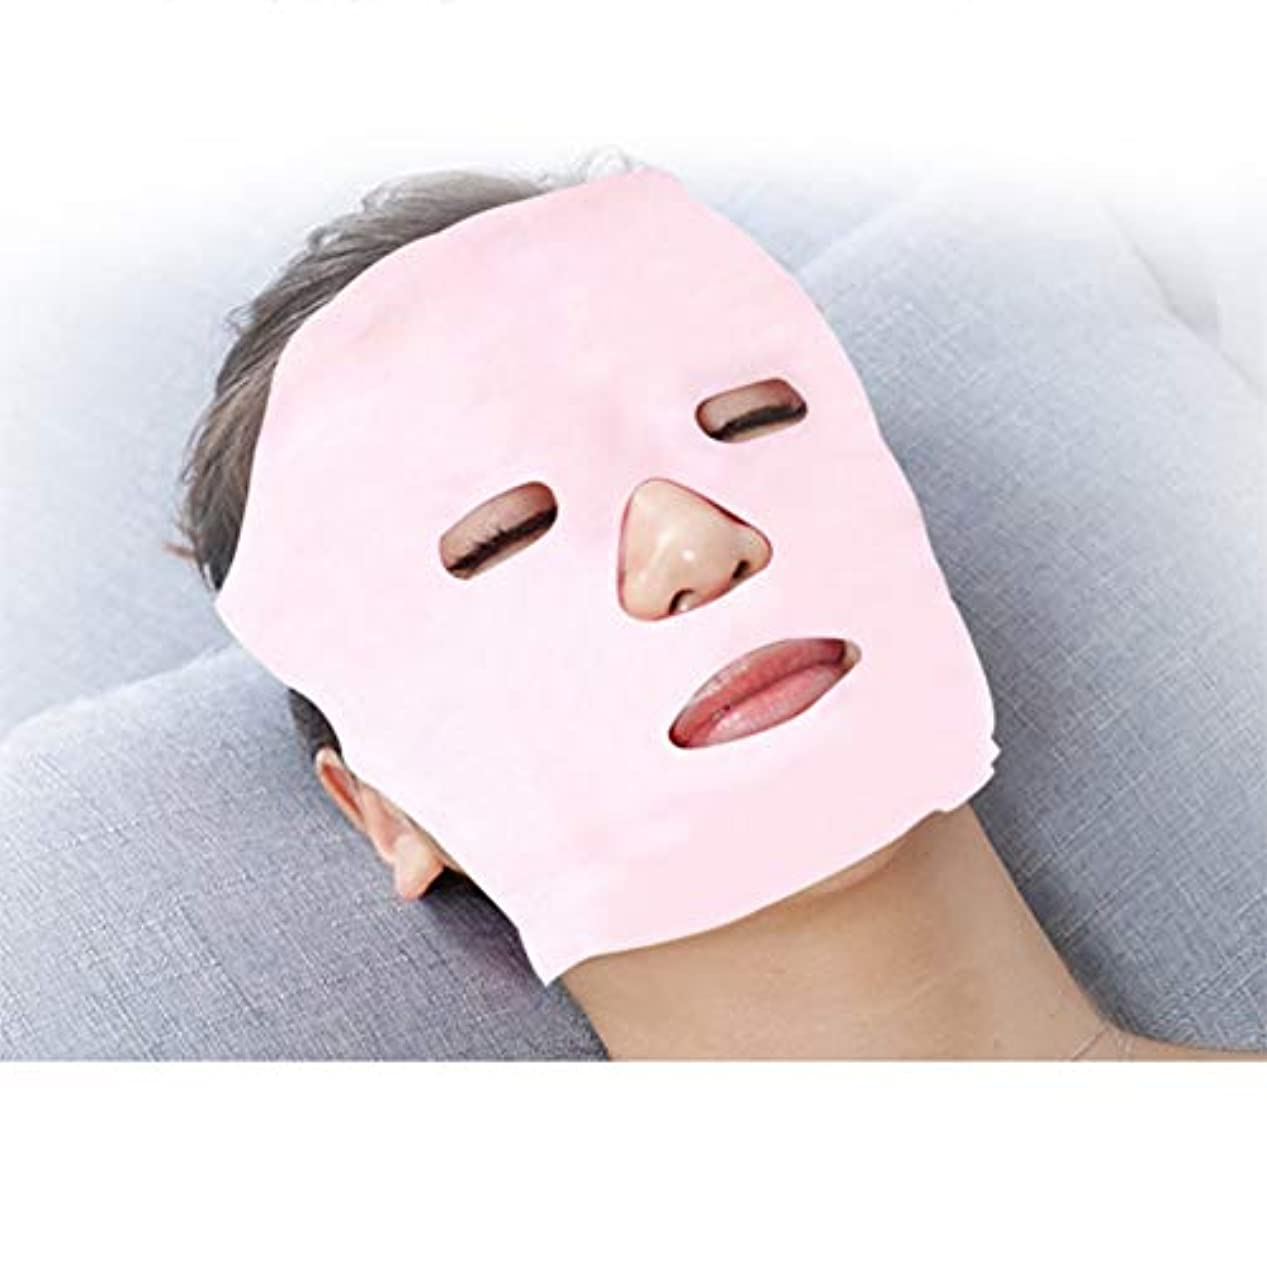 ただやる私たち自身活性化トルマリンジェル マグネットマスク マッサージマスク 颜美容 フェイスマスク 薄い顔 肤色を明るく ヘルスケアマスク 磁気 ェイスポーチ Cutelove